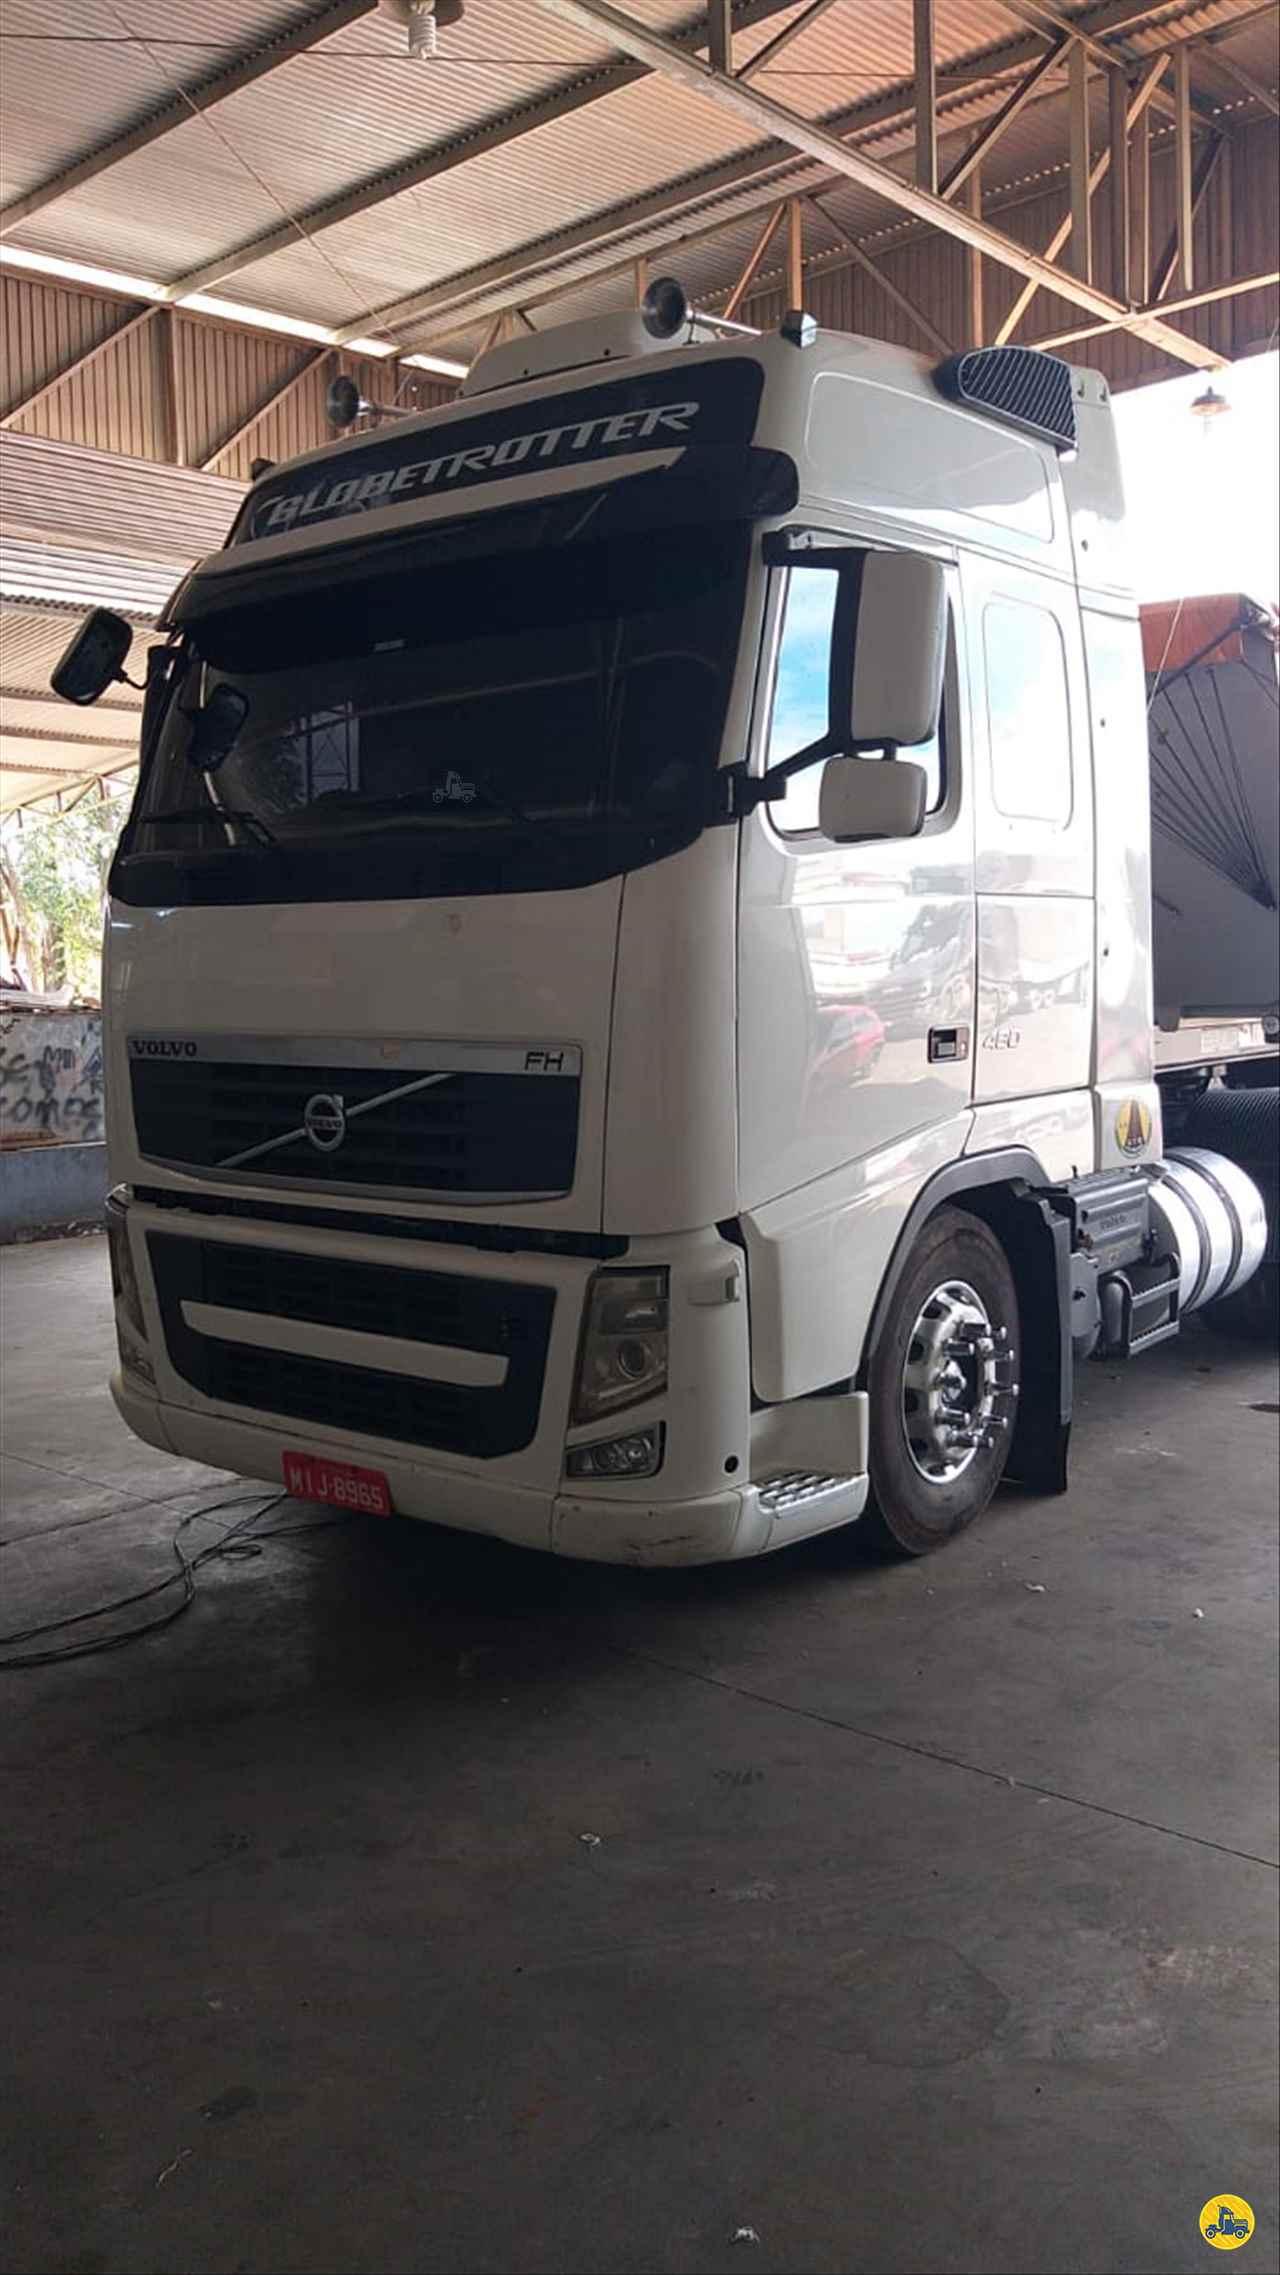 CAMINHAO VOLVO VOLVO FH 480 Cavalo Mecânico Traçado 6x4 Carraro Transportes SOROCABA SÃO PAULO SP